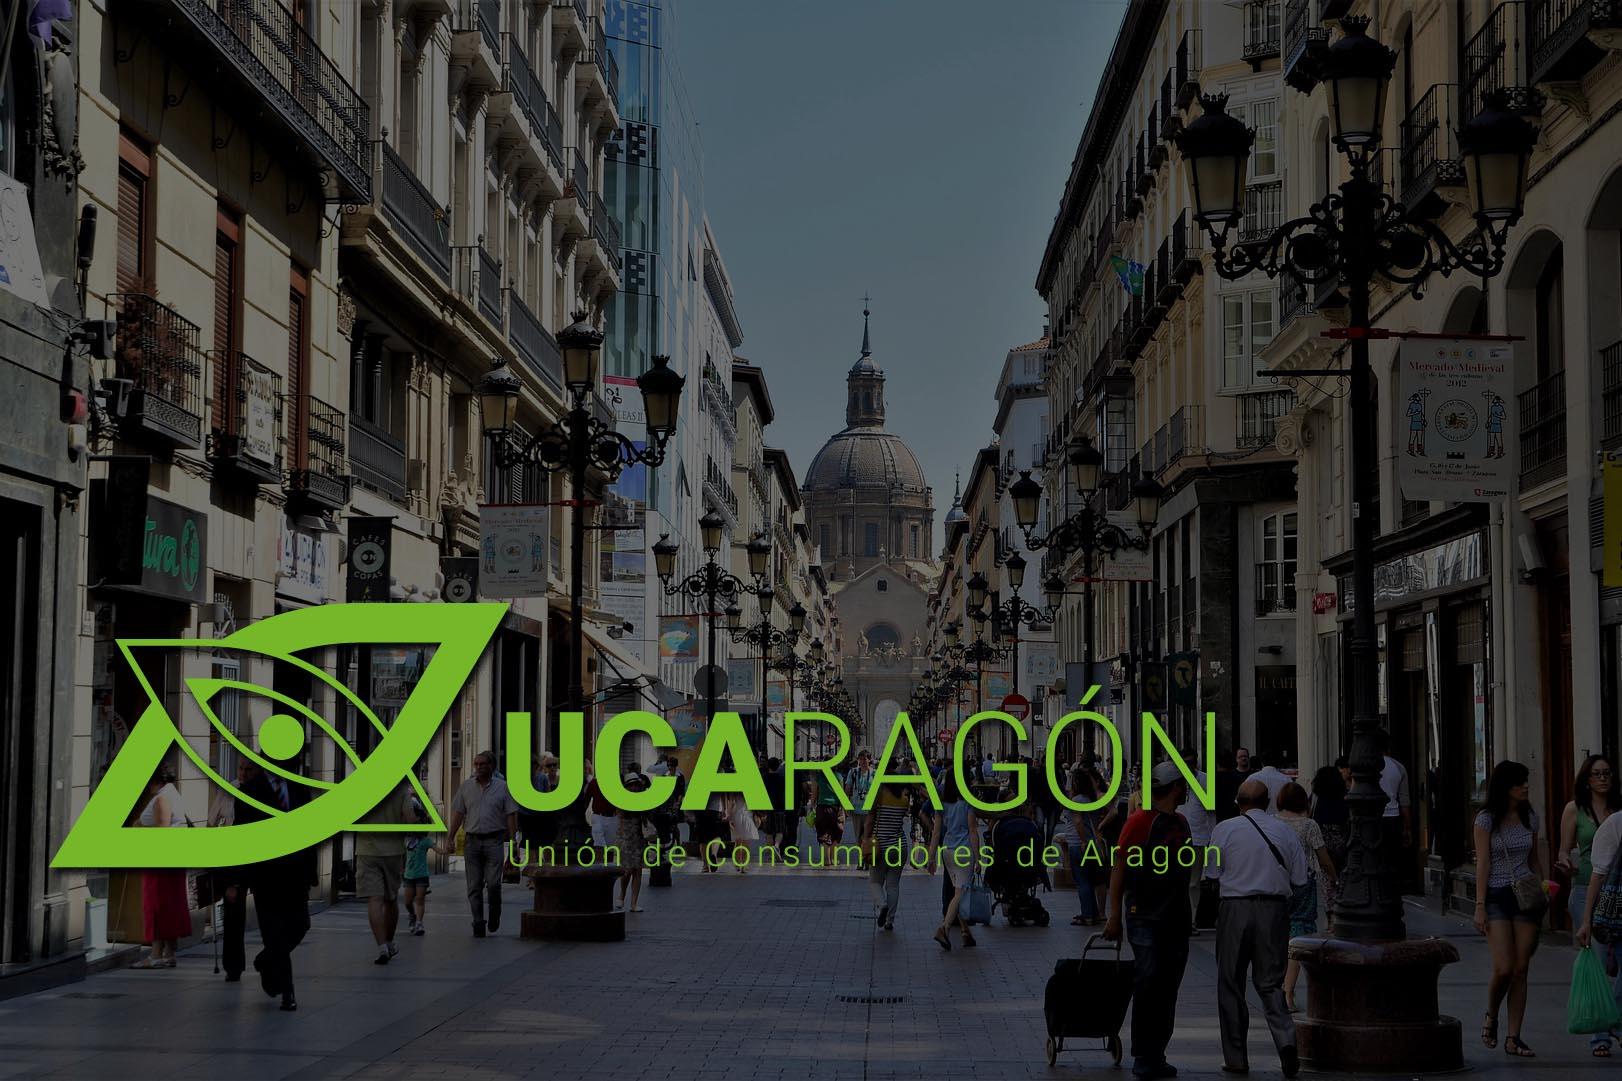 ucaragon nueva web